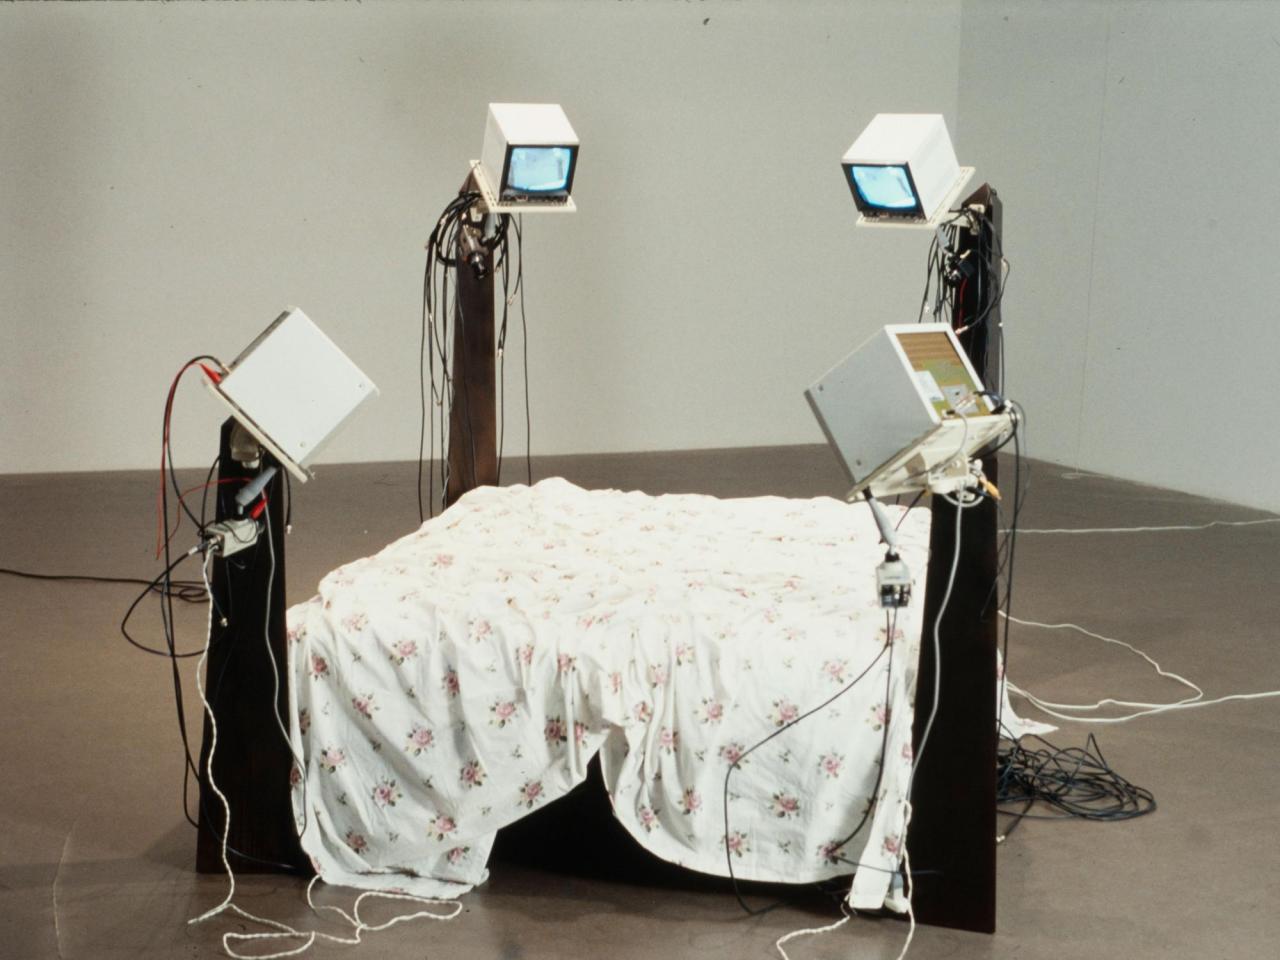 Julia Scher Surveillance Bed III, 1994 180 x 240 x 180 cm